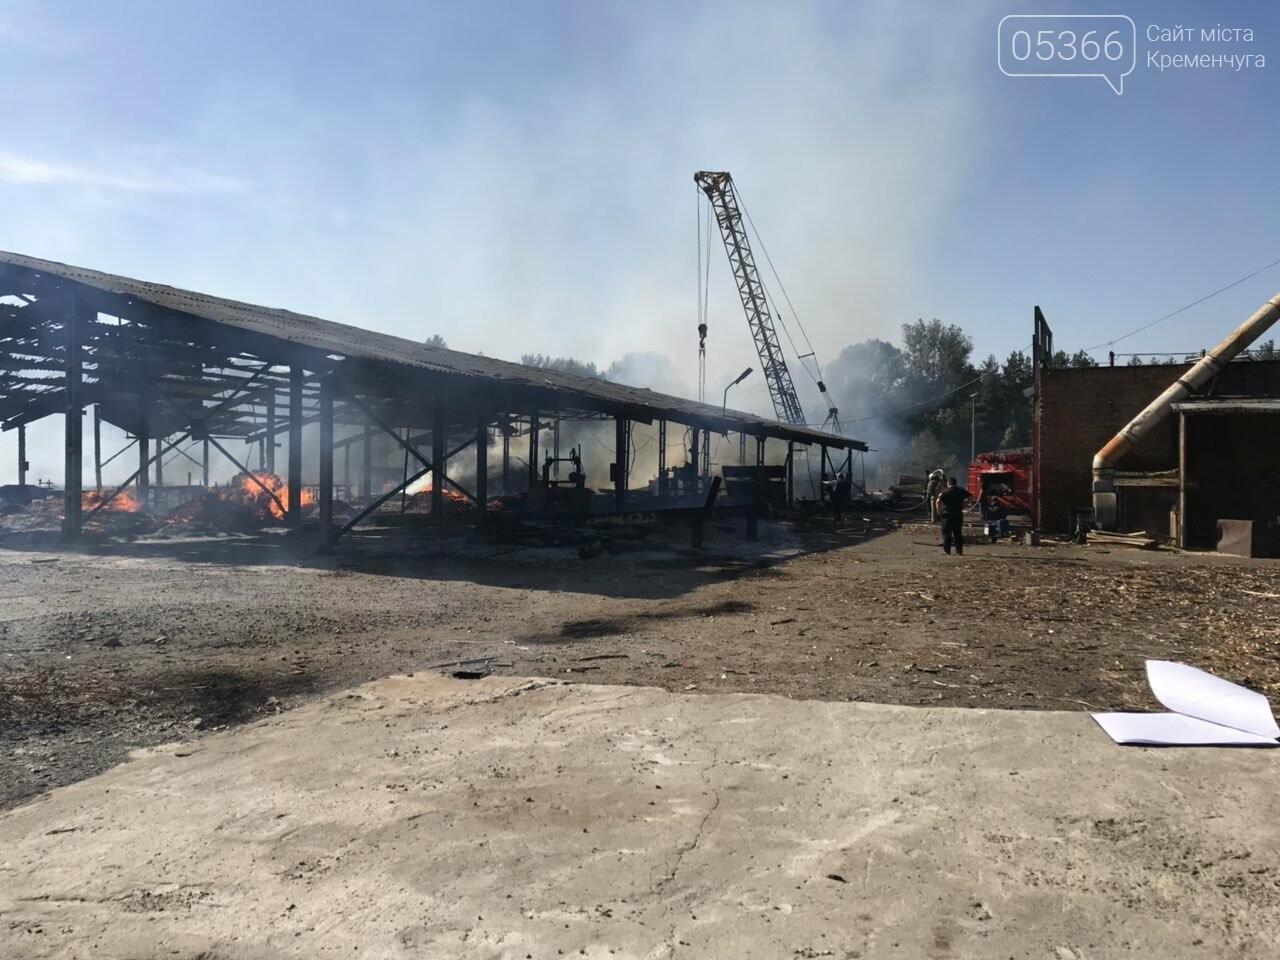 У Кременчуцькому районі вогонь знищив базу з переробки лісоматеріалів. Фото, фото-1